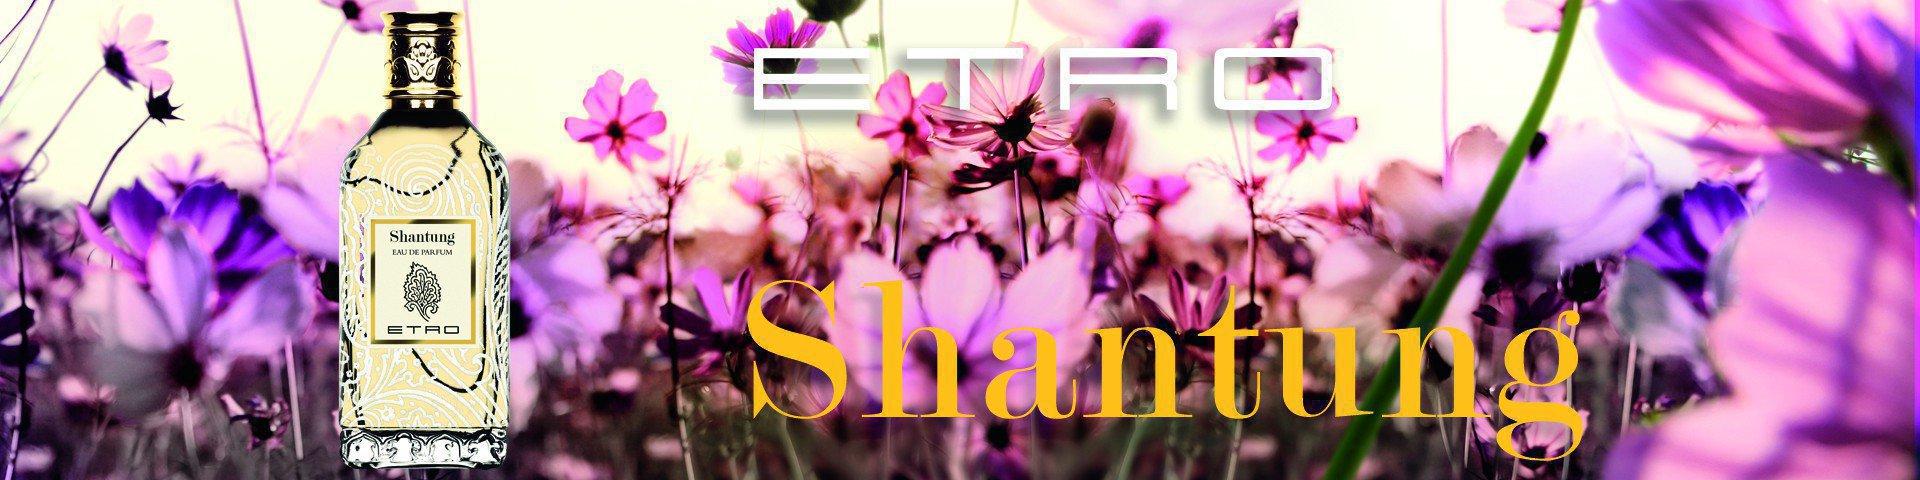 Etro Shanting